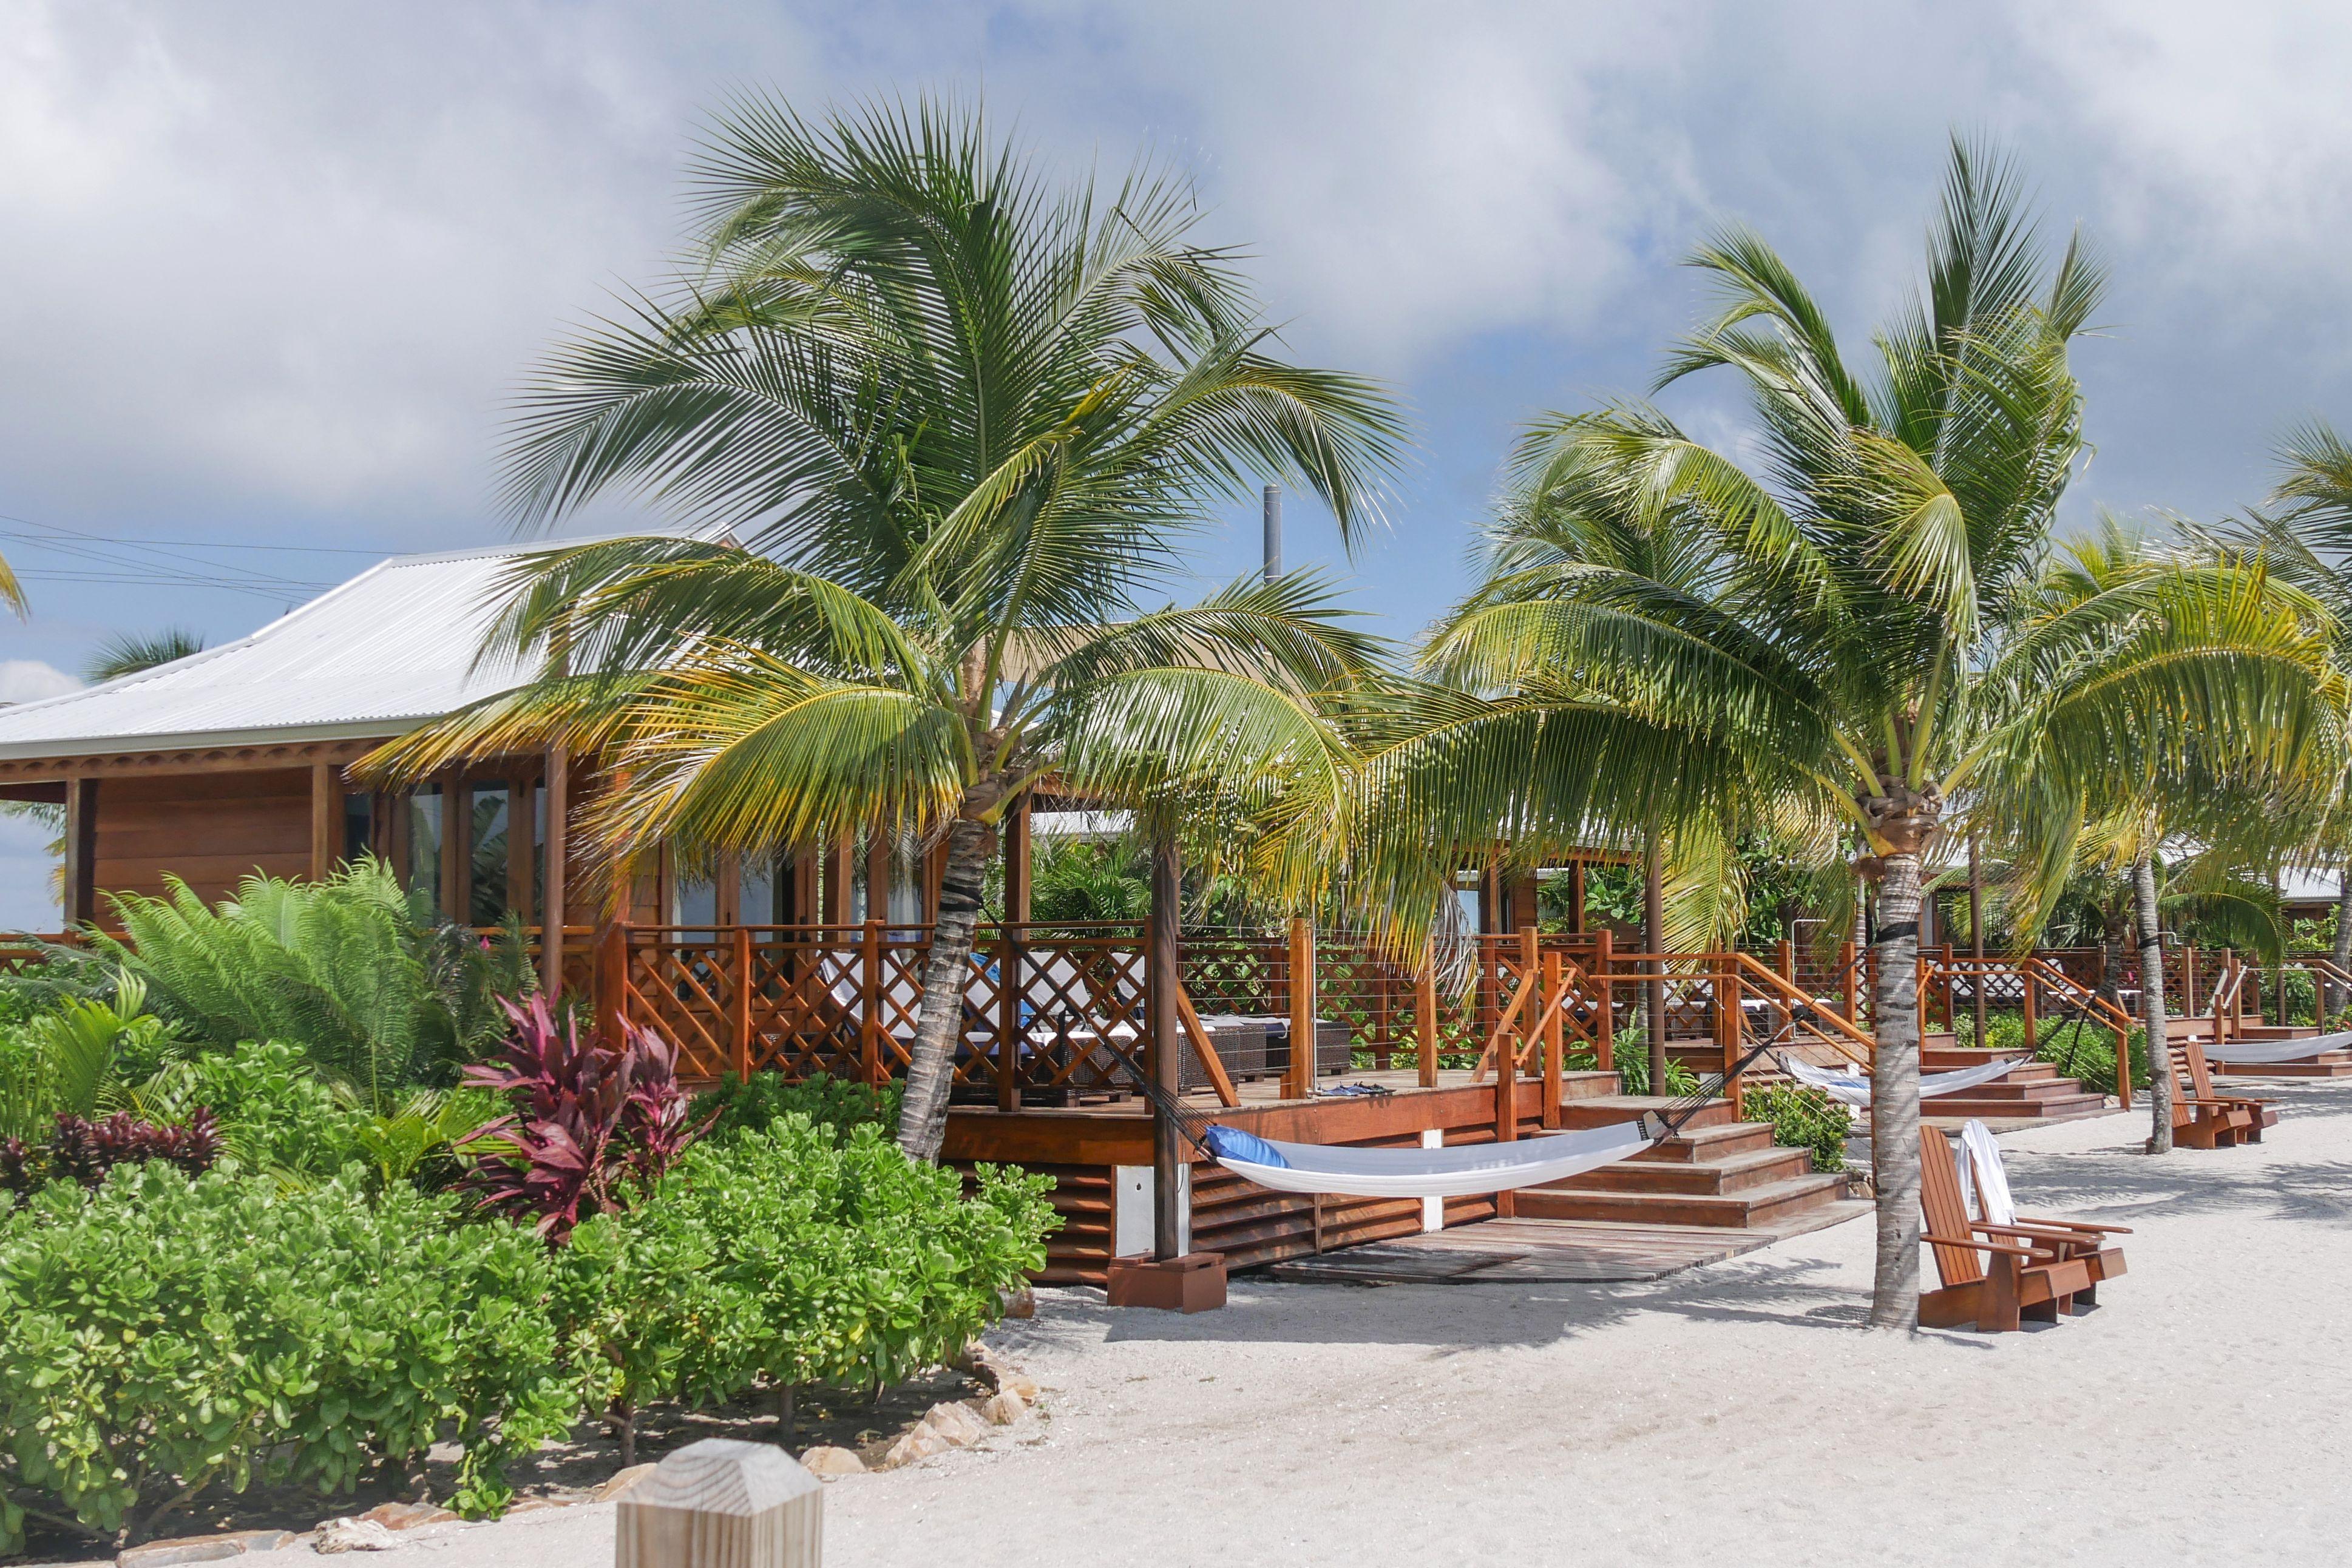 Unterkünfte am Strand von Harvest Caye einer Kreuzfahrt-Insel vor Belize in Zentralamerika